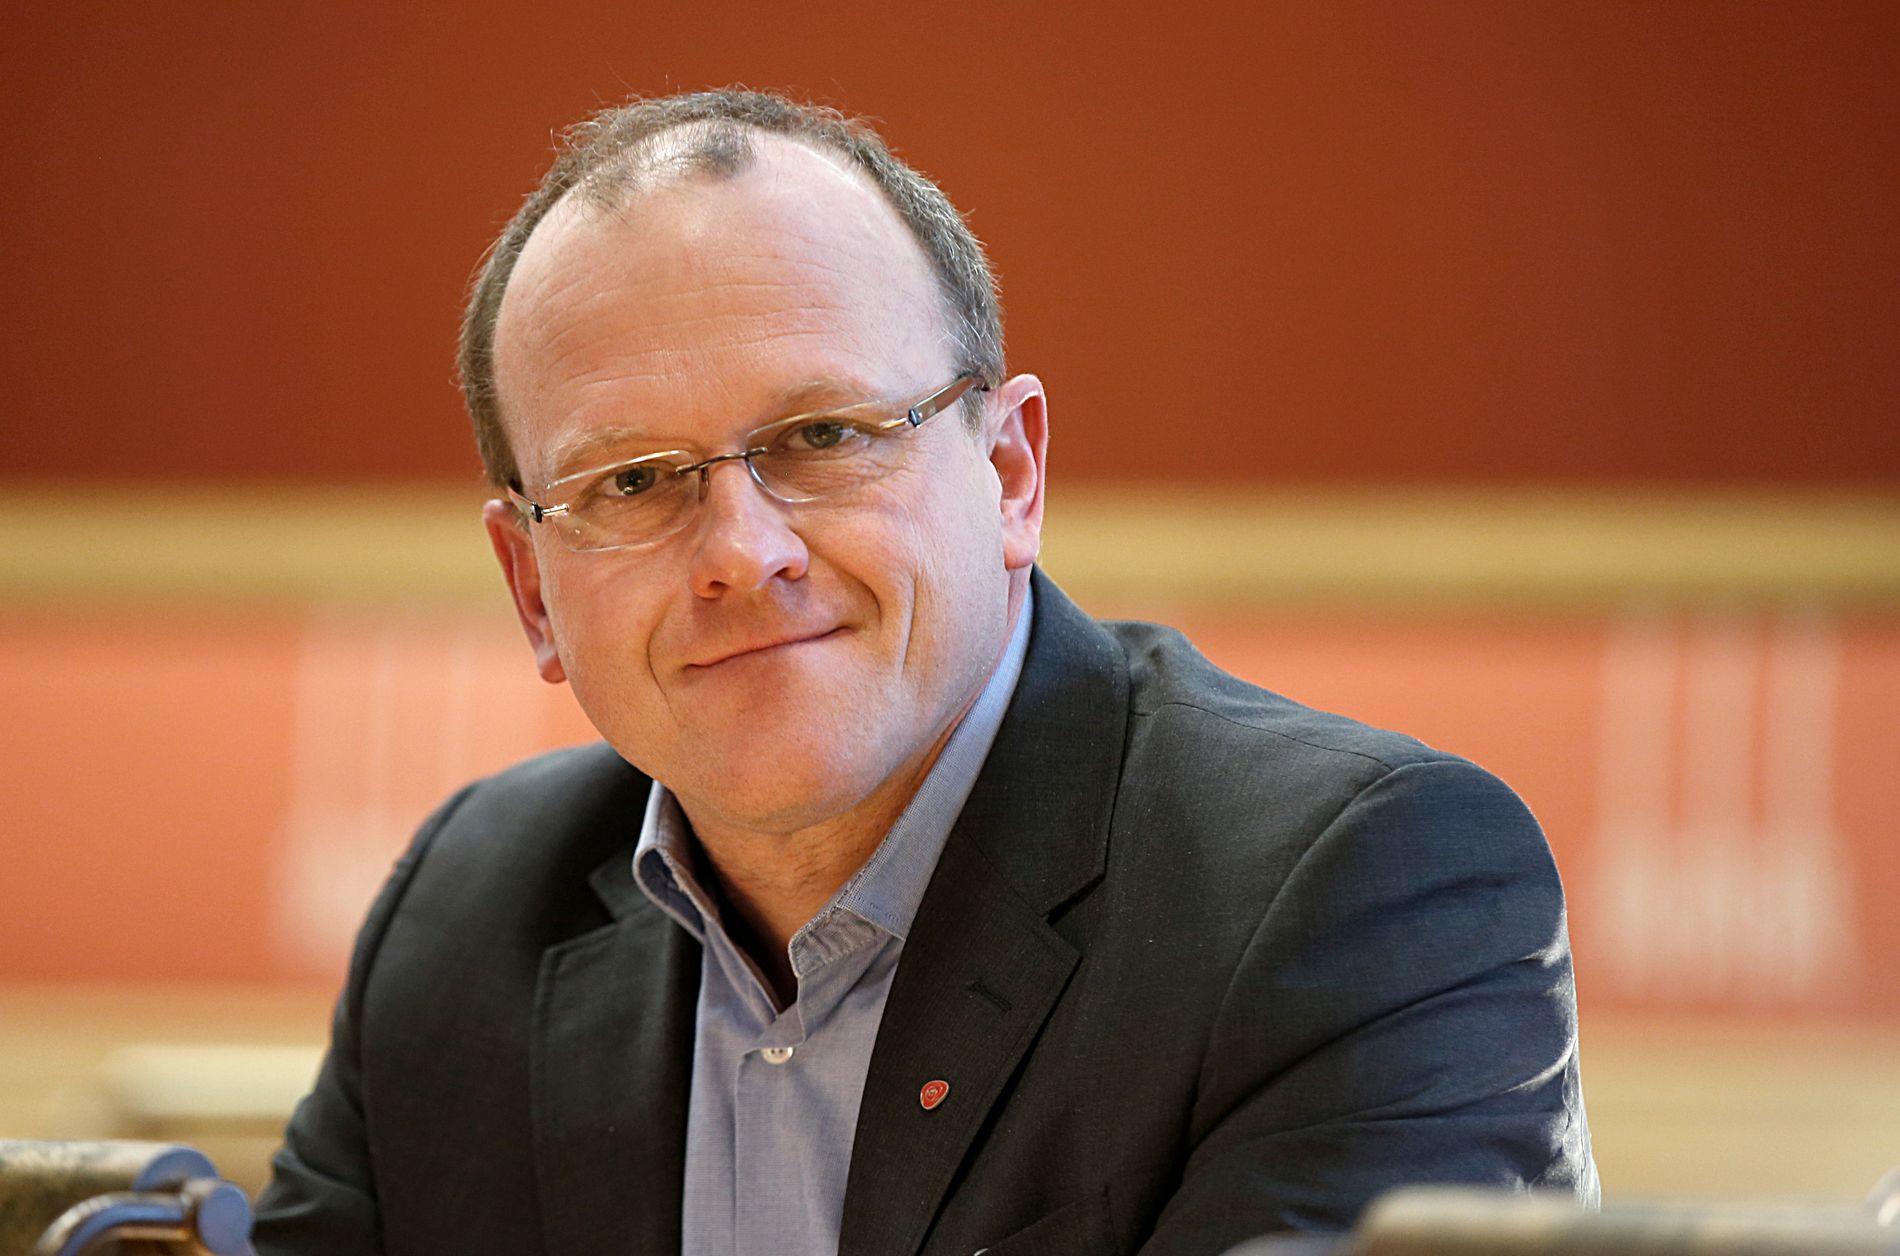 STÅR IKKE FREM: Frode Jacobsen sier at han kjenner til varslere som ikke tør å stå frem.